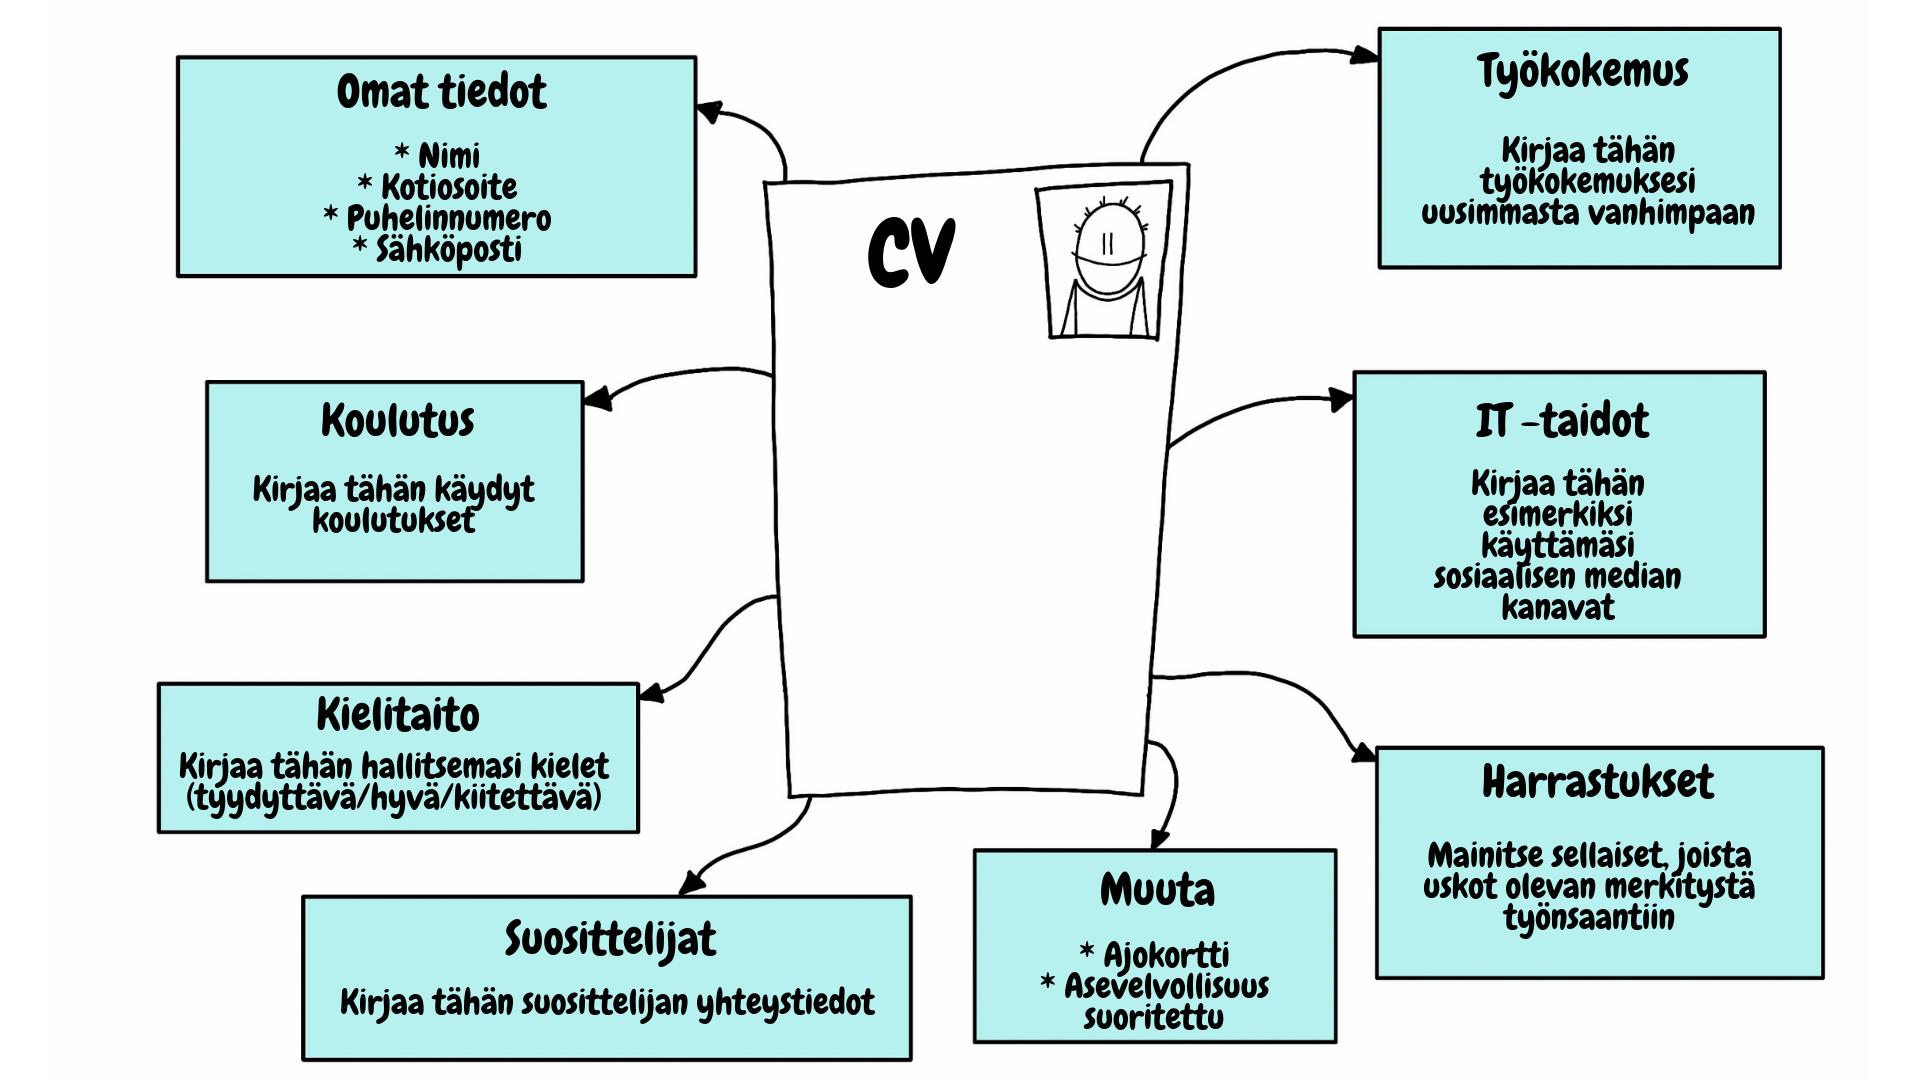 CV ansioluttelo